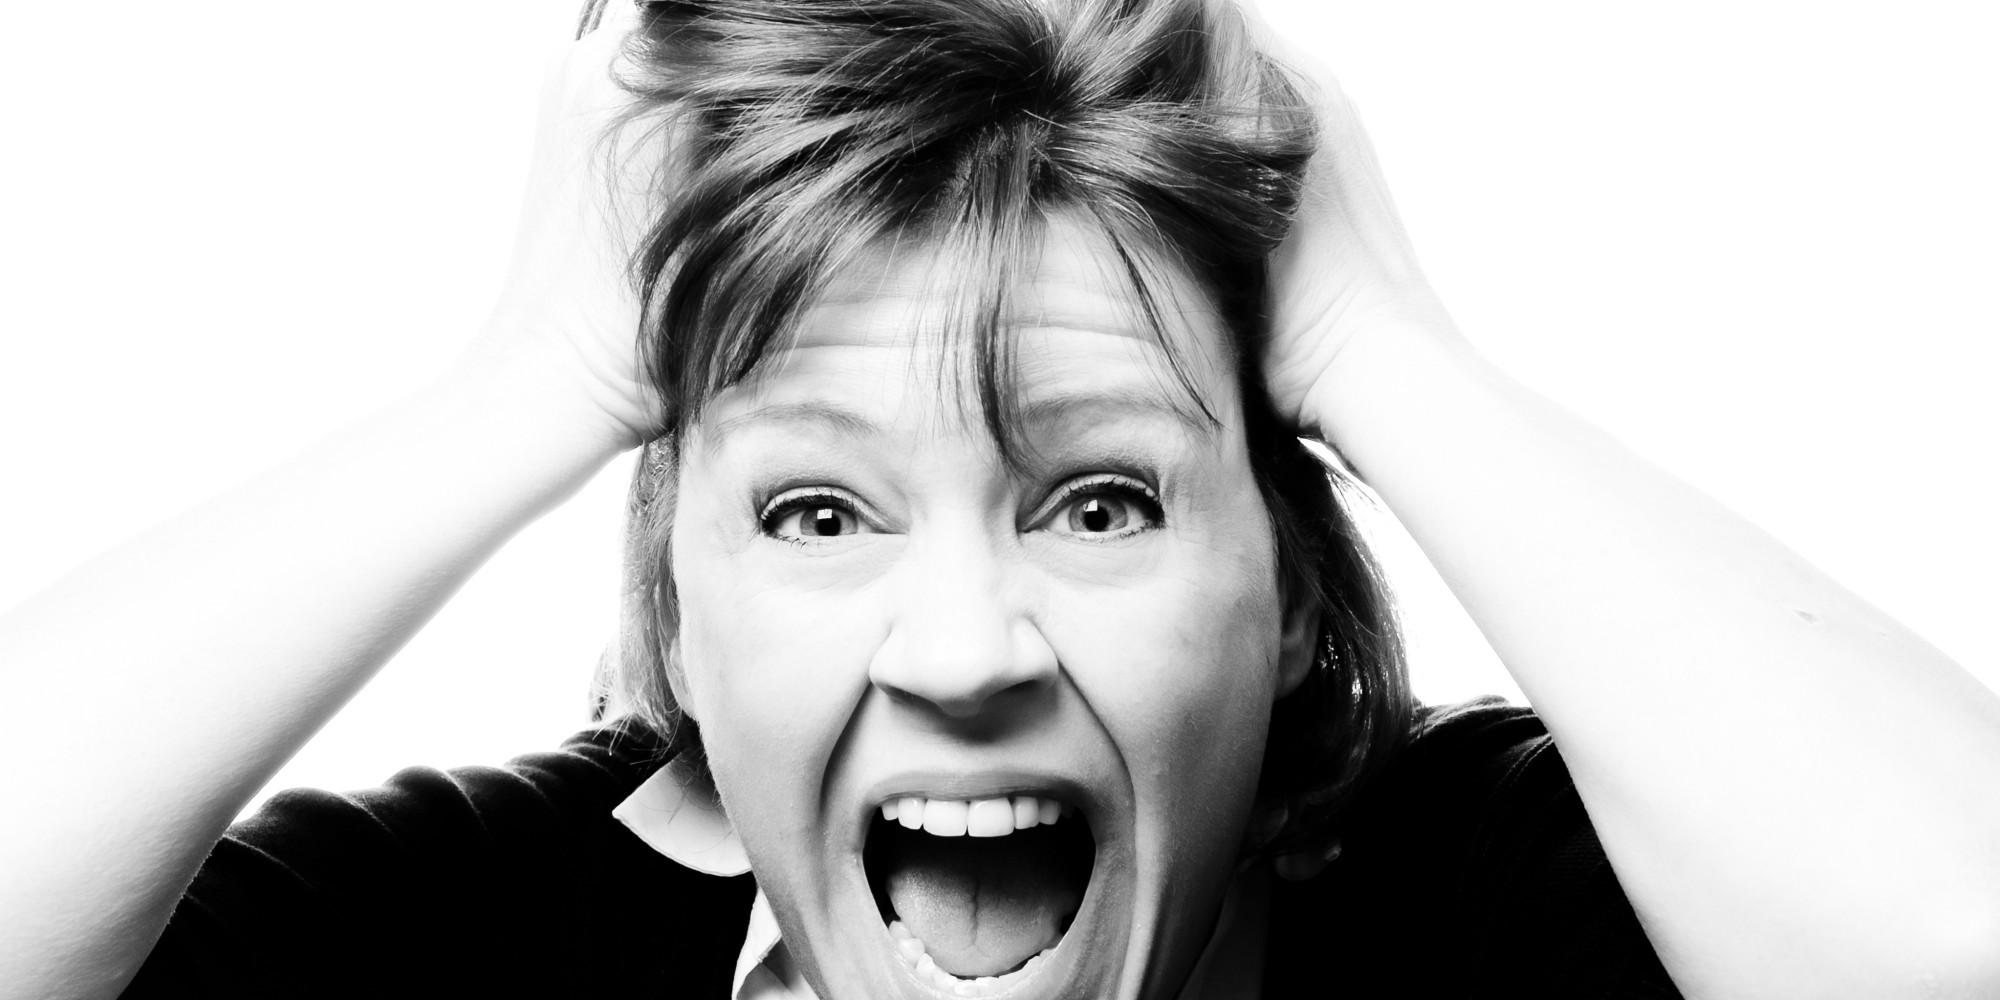 Cómo sobrevivir a la menopausia de tu mamá